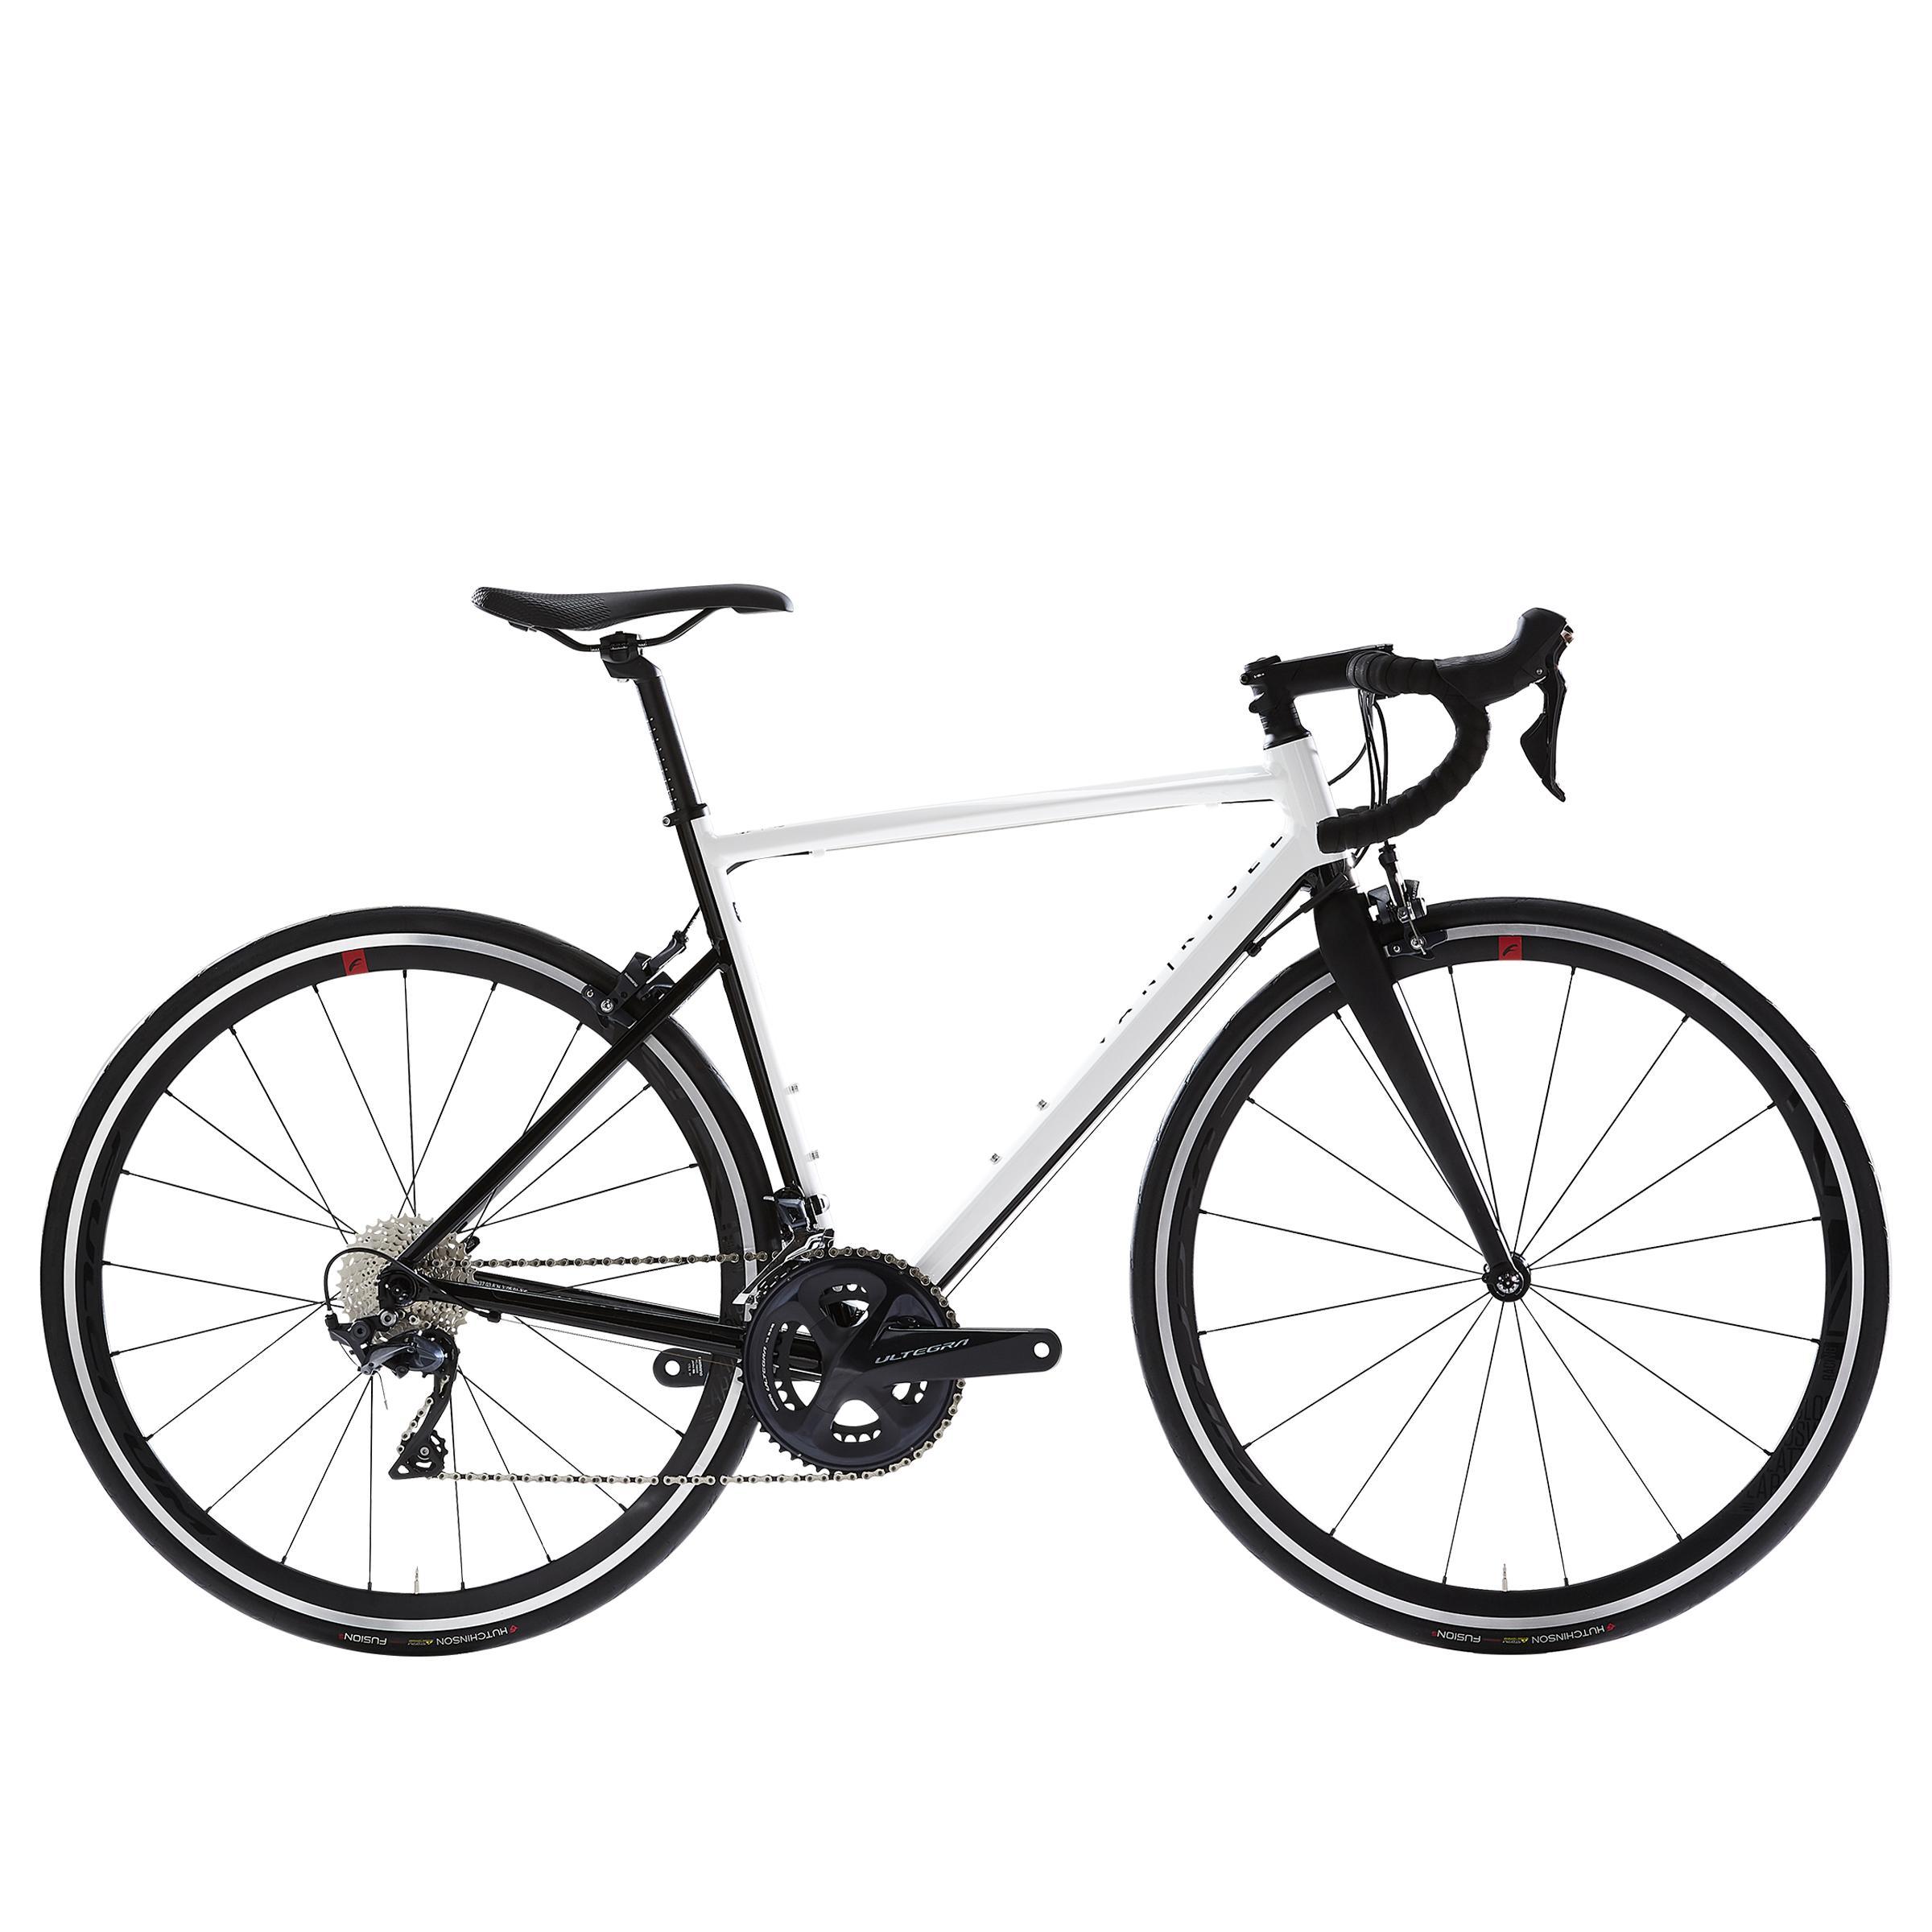 Bicicletă ciclism de șosea EDR